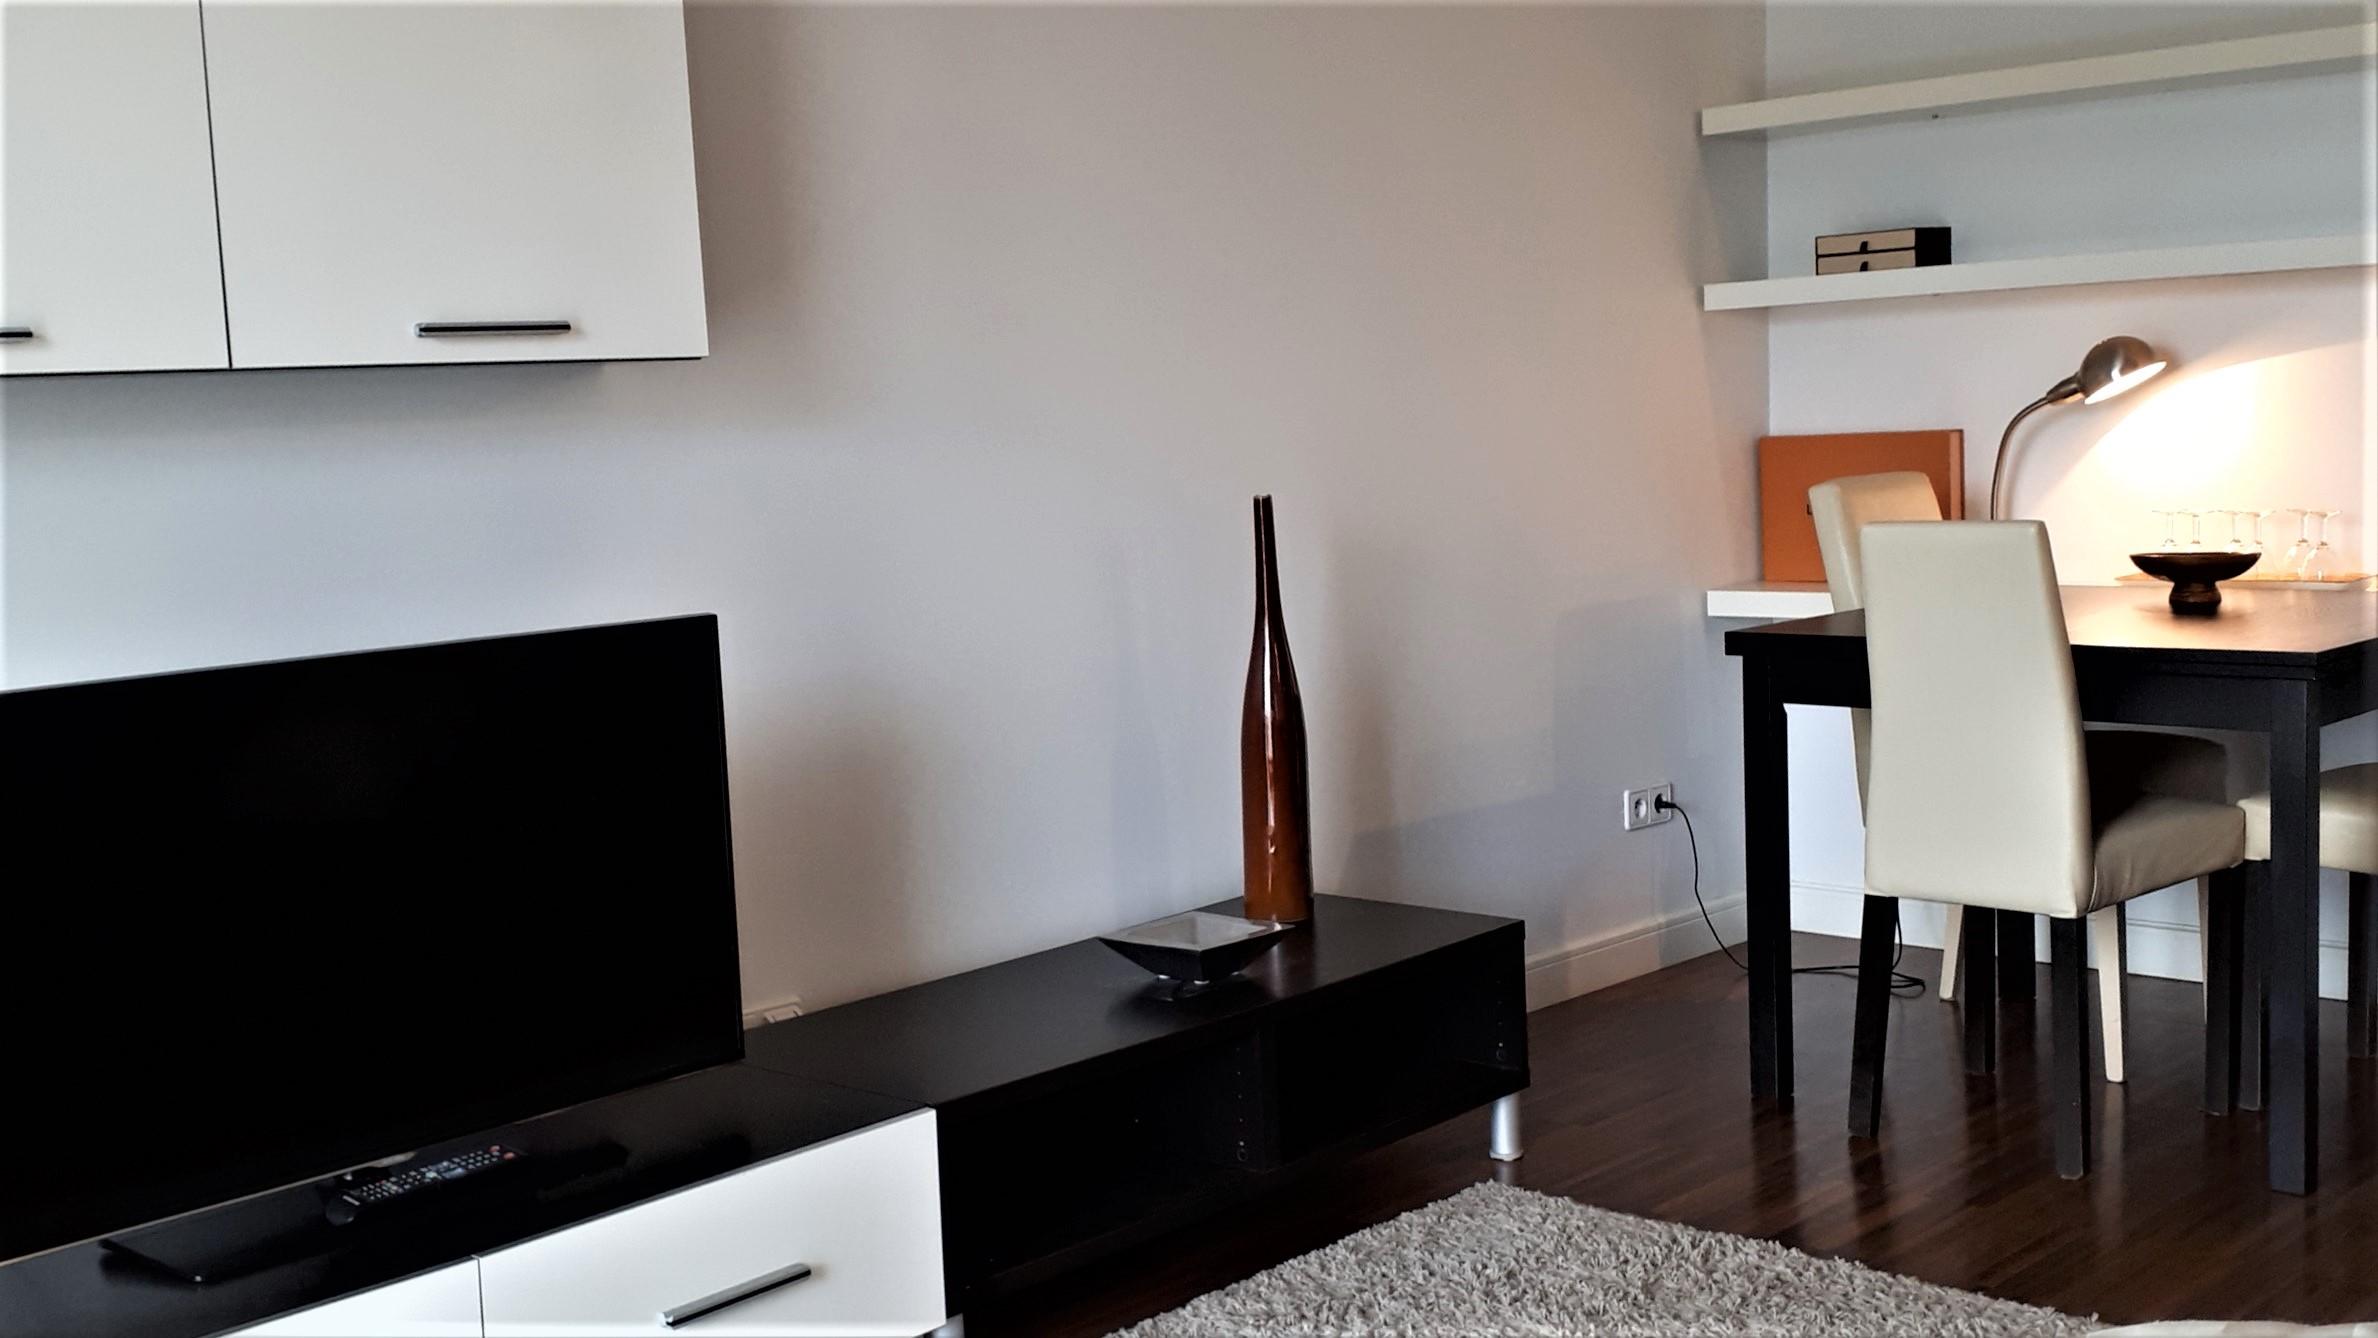 Elegant apartment 45 sqm Mokotow Warsaw Poland